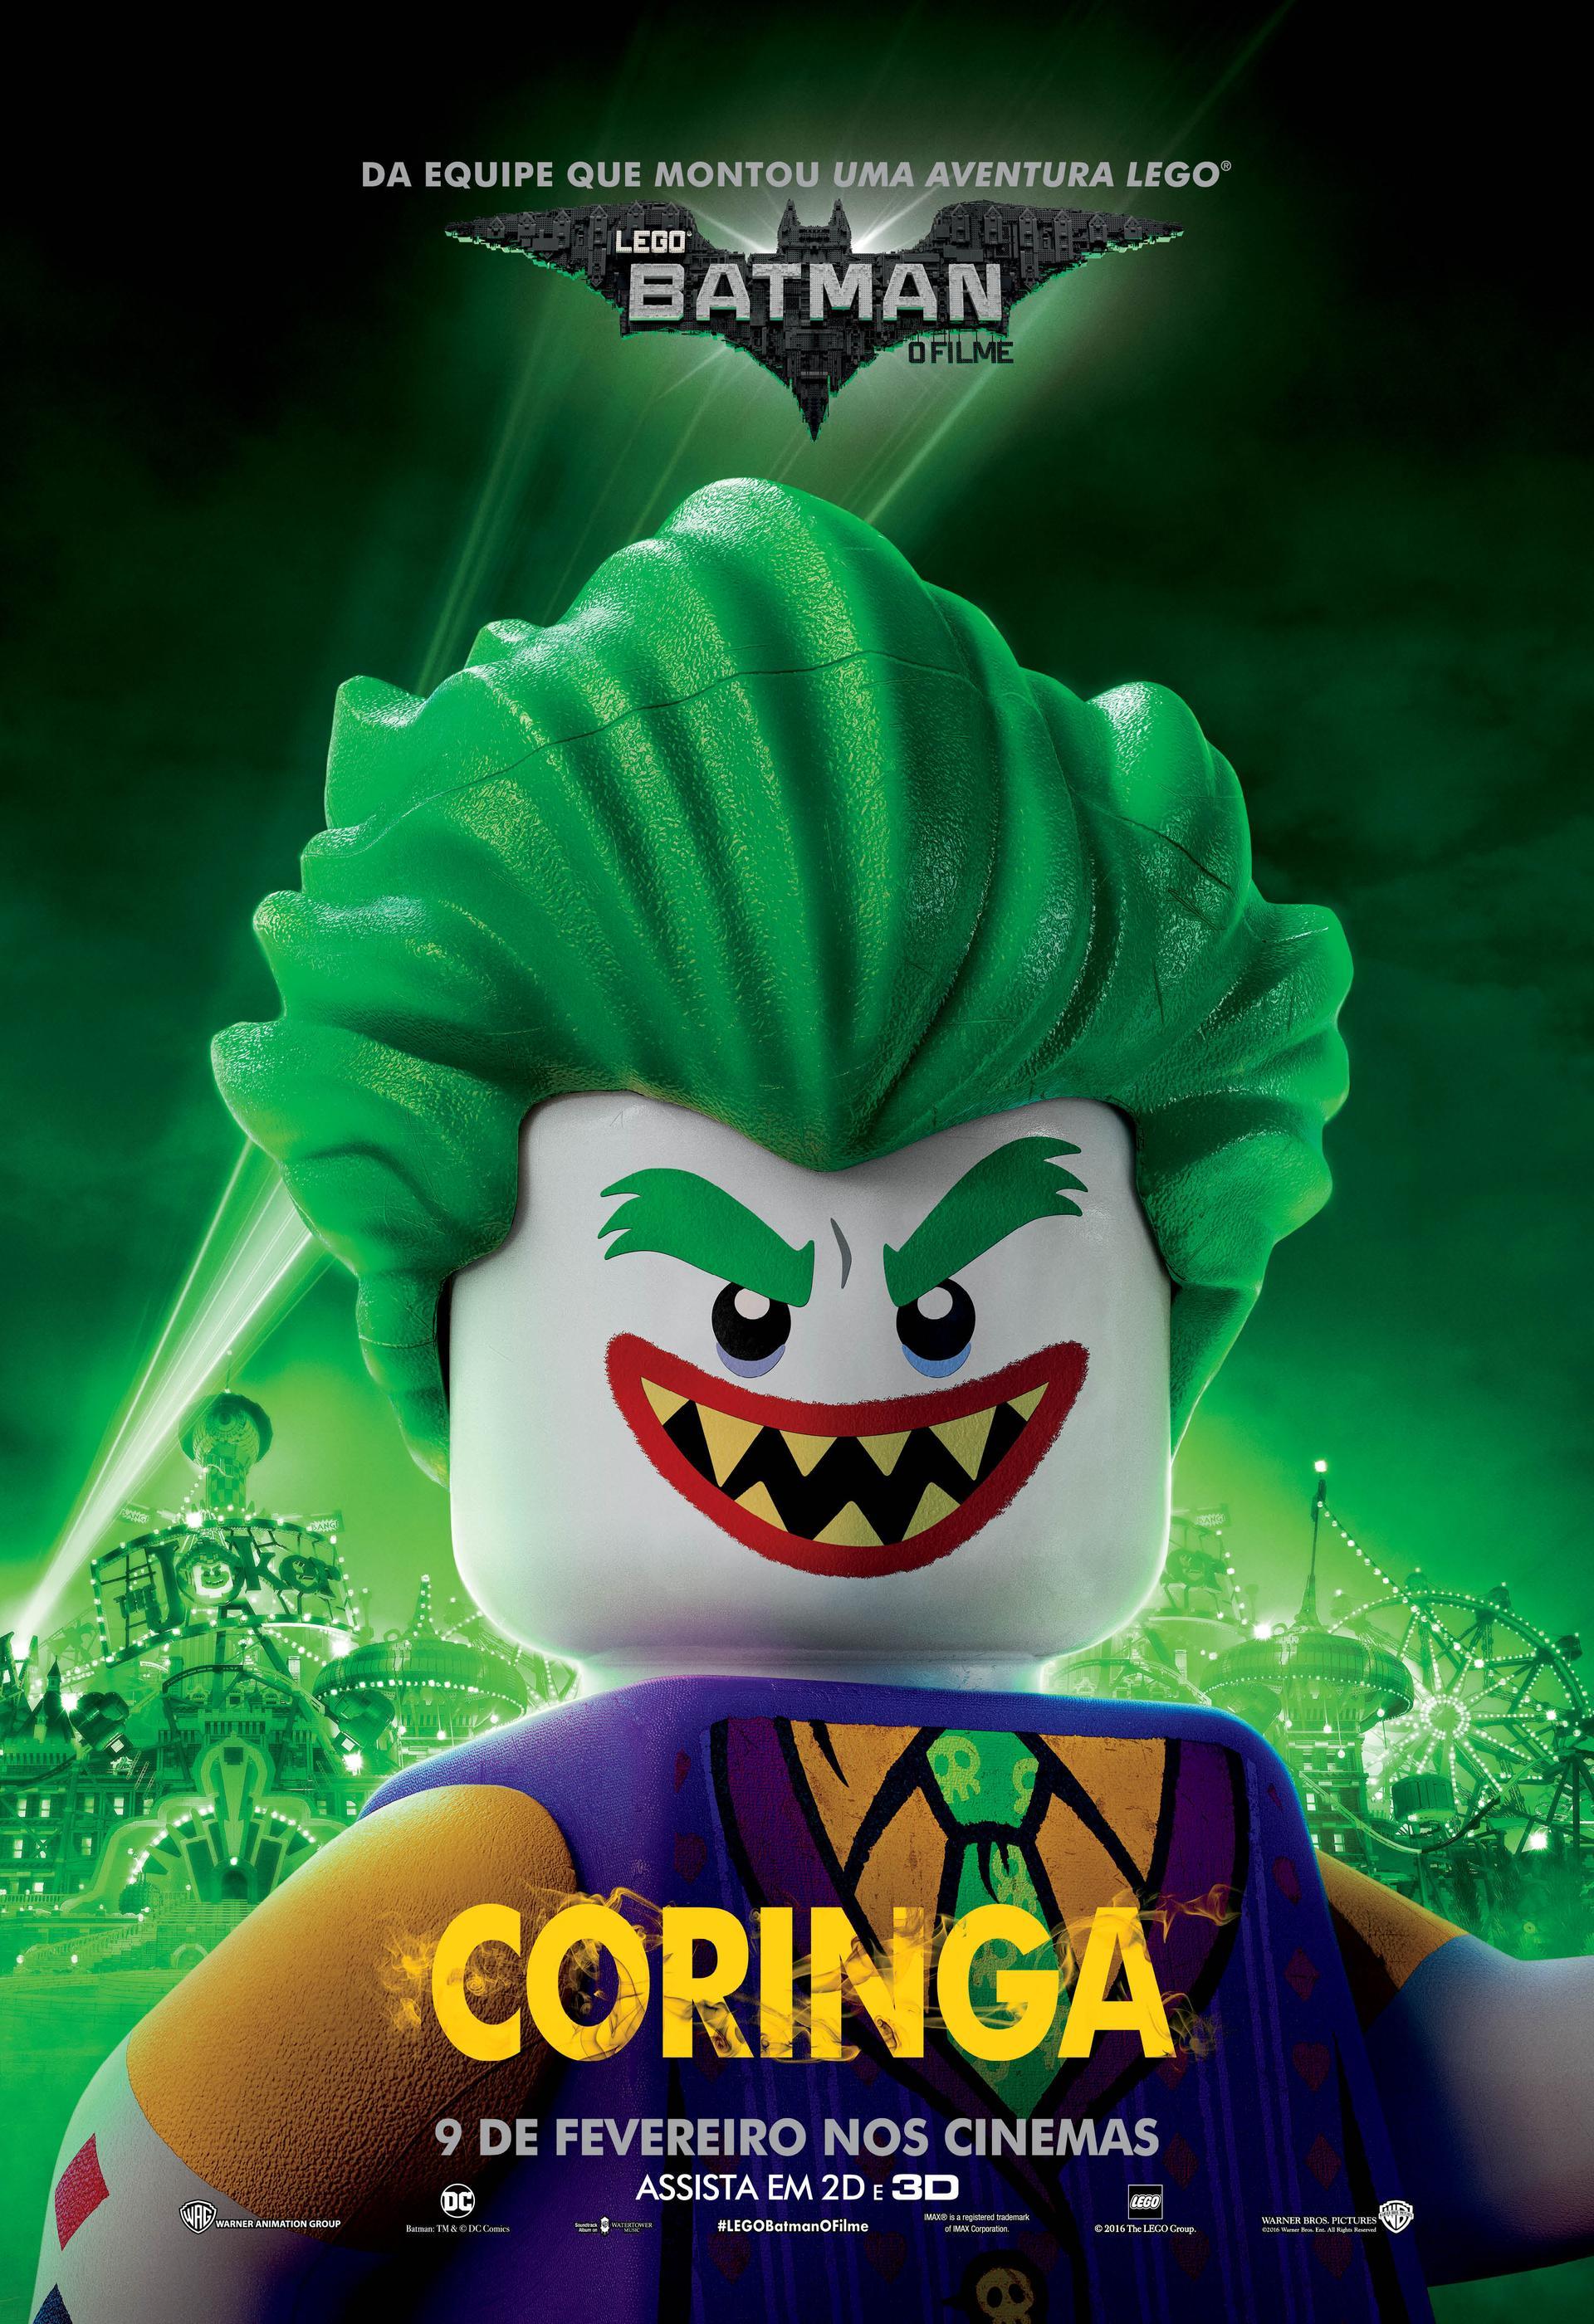 lego batman o filme ganha novos pôsteres dos personagens nerdbunker